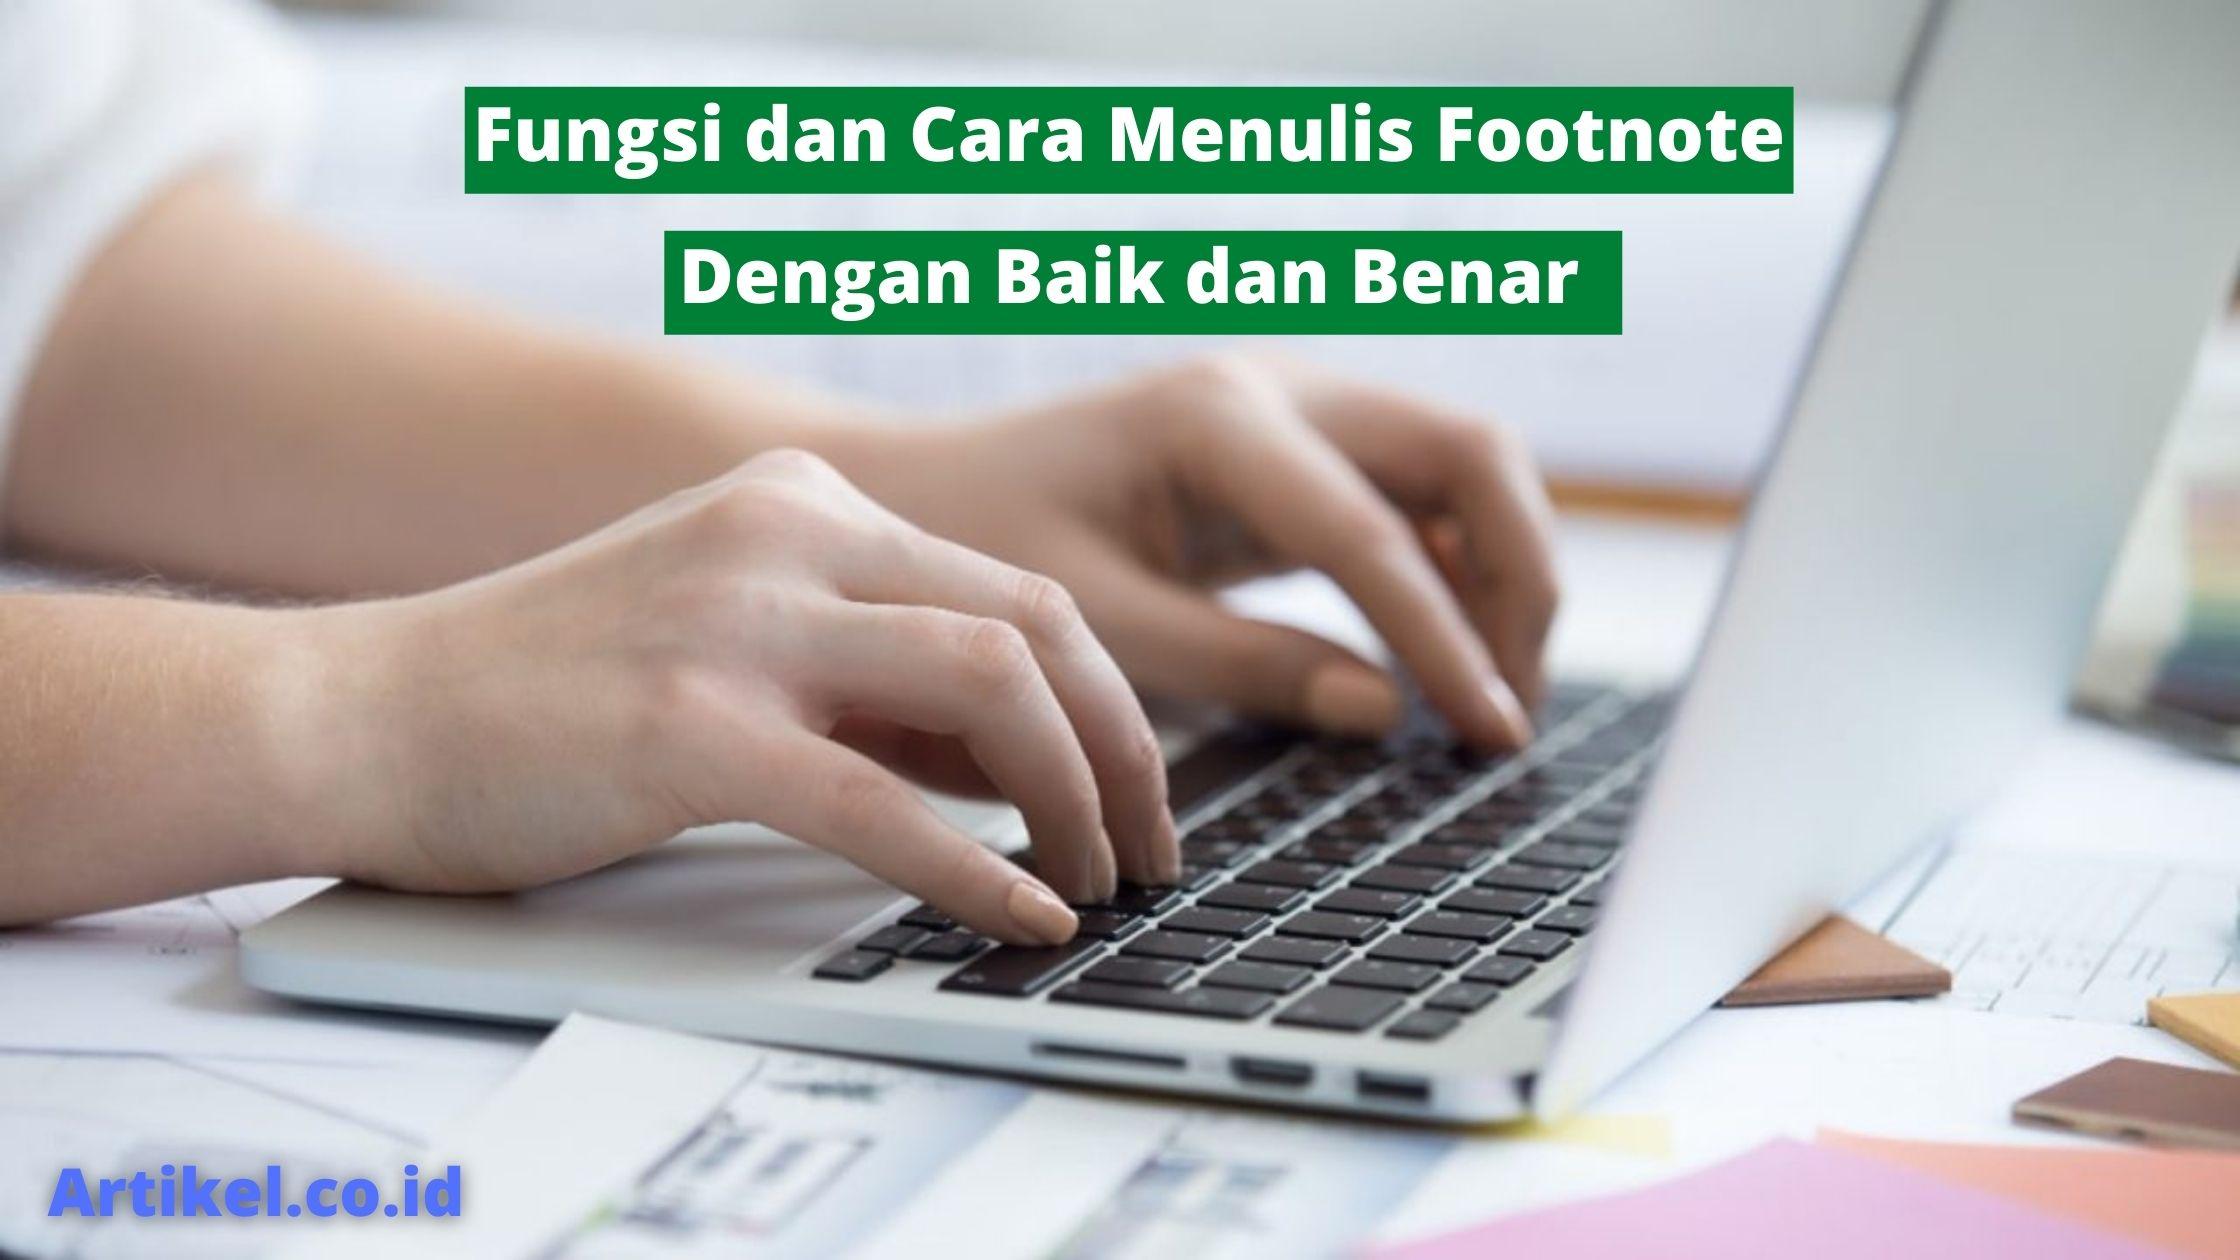 Read more about the article Fungsi dan Cara Menulis Footnote dengan Baik dan Benar